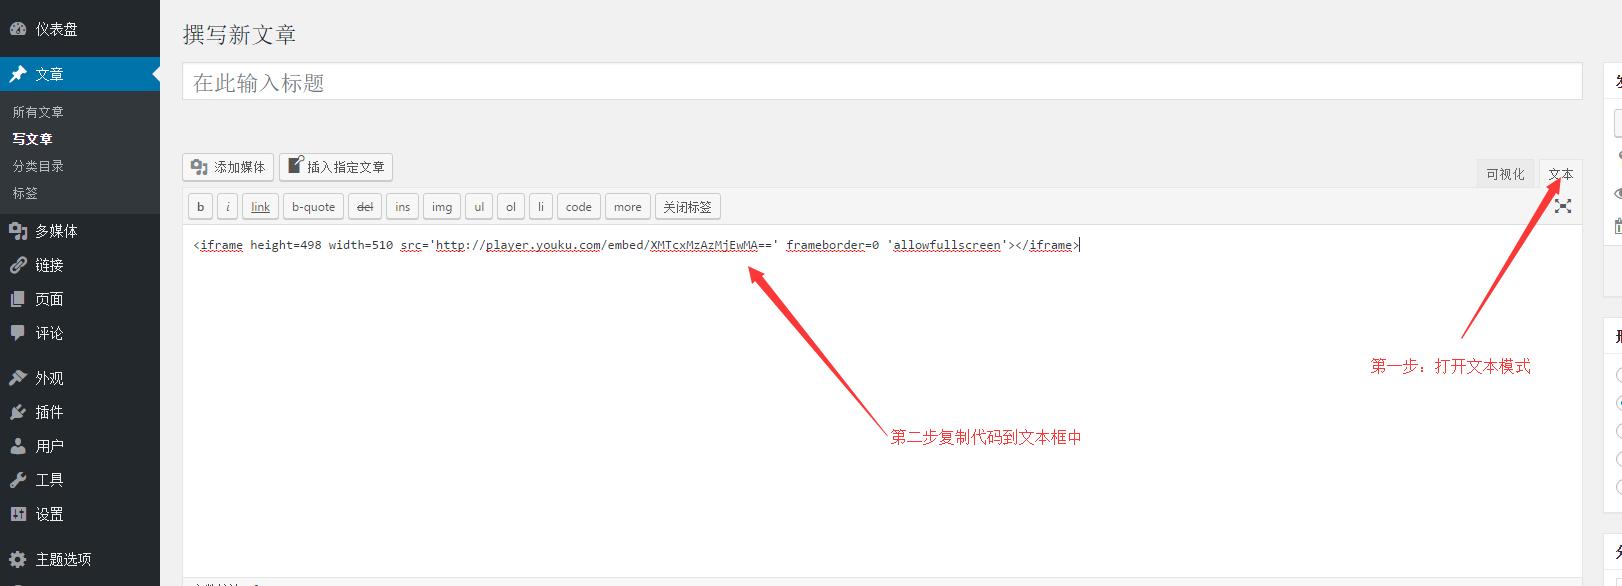 WordPress如何插入视频网站的视频源-苏醒